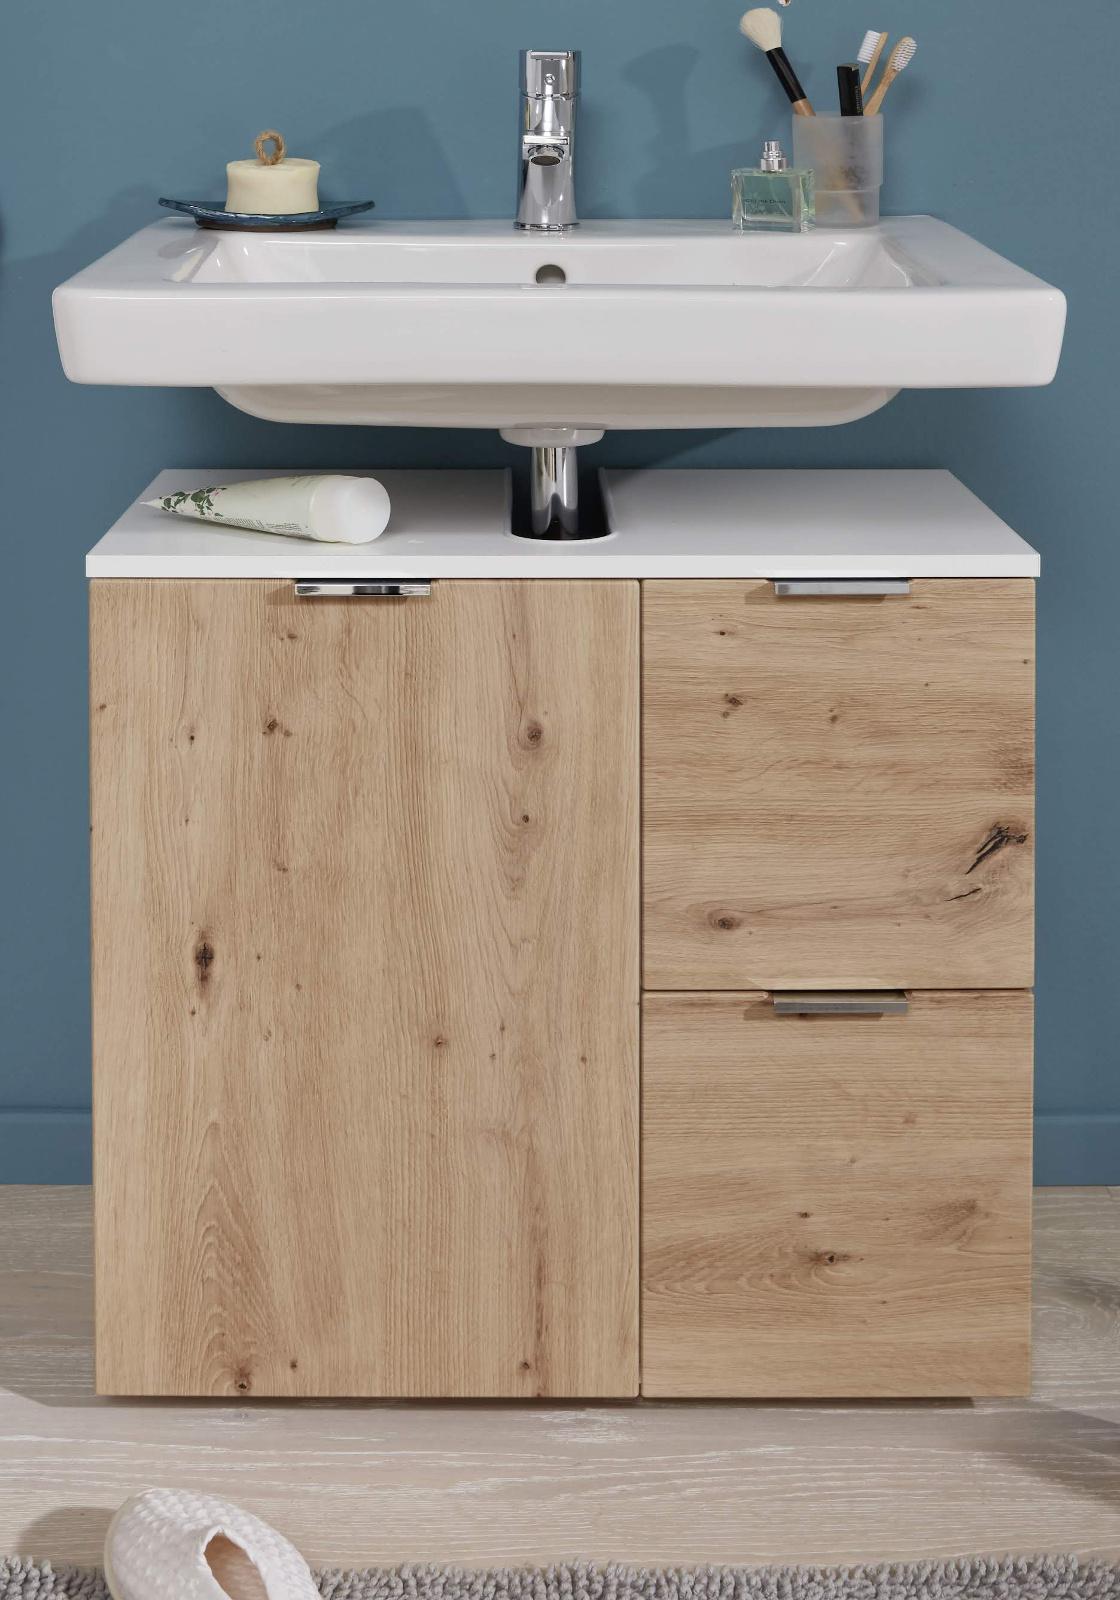 Badezimmer Waschbeckenunterschrank Concept20 in Asteiche / Eiche und weiß  Badmöbel 20 x 20 cm Badschrank